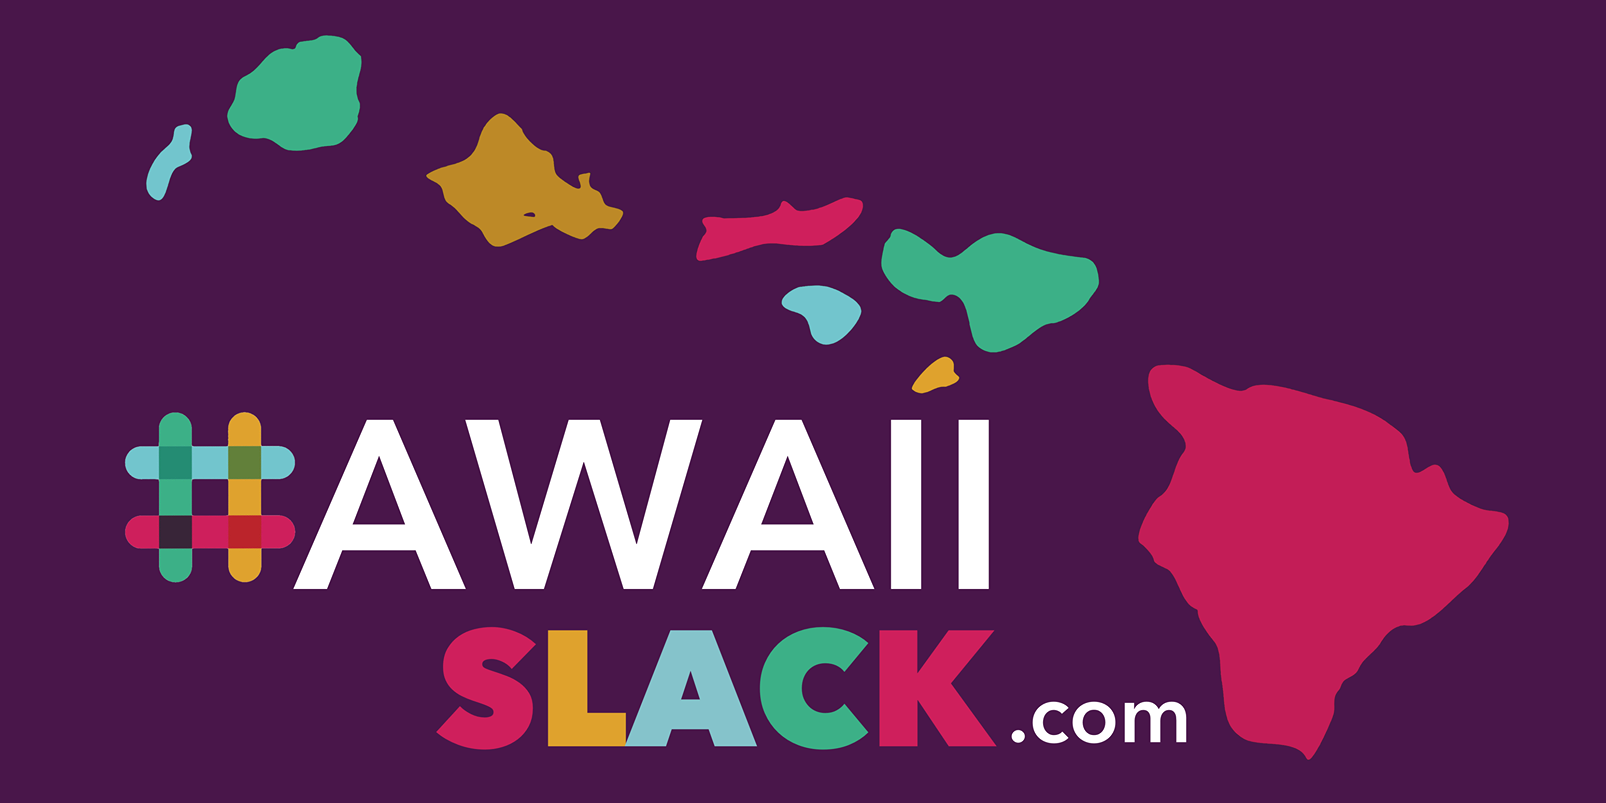 Hawaii Slack